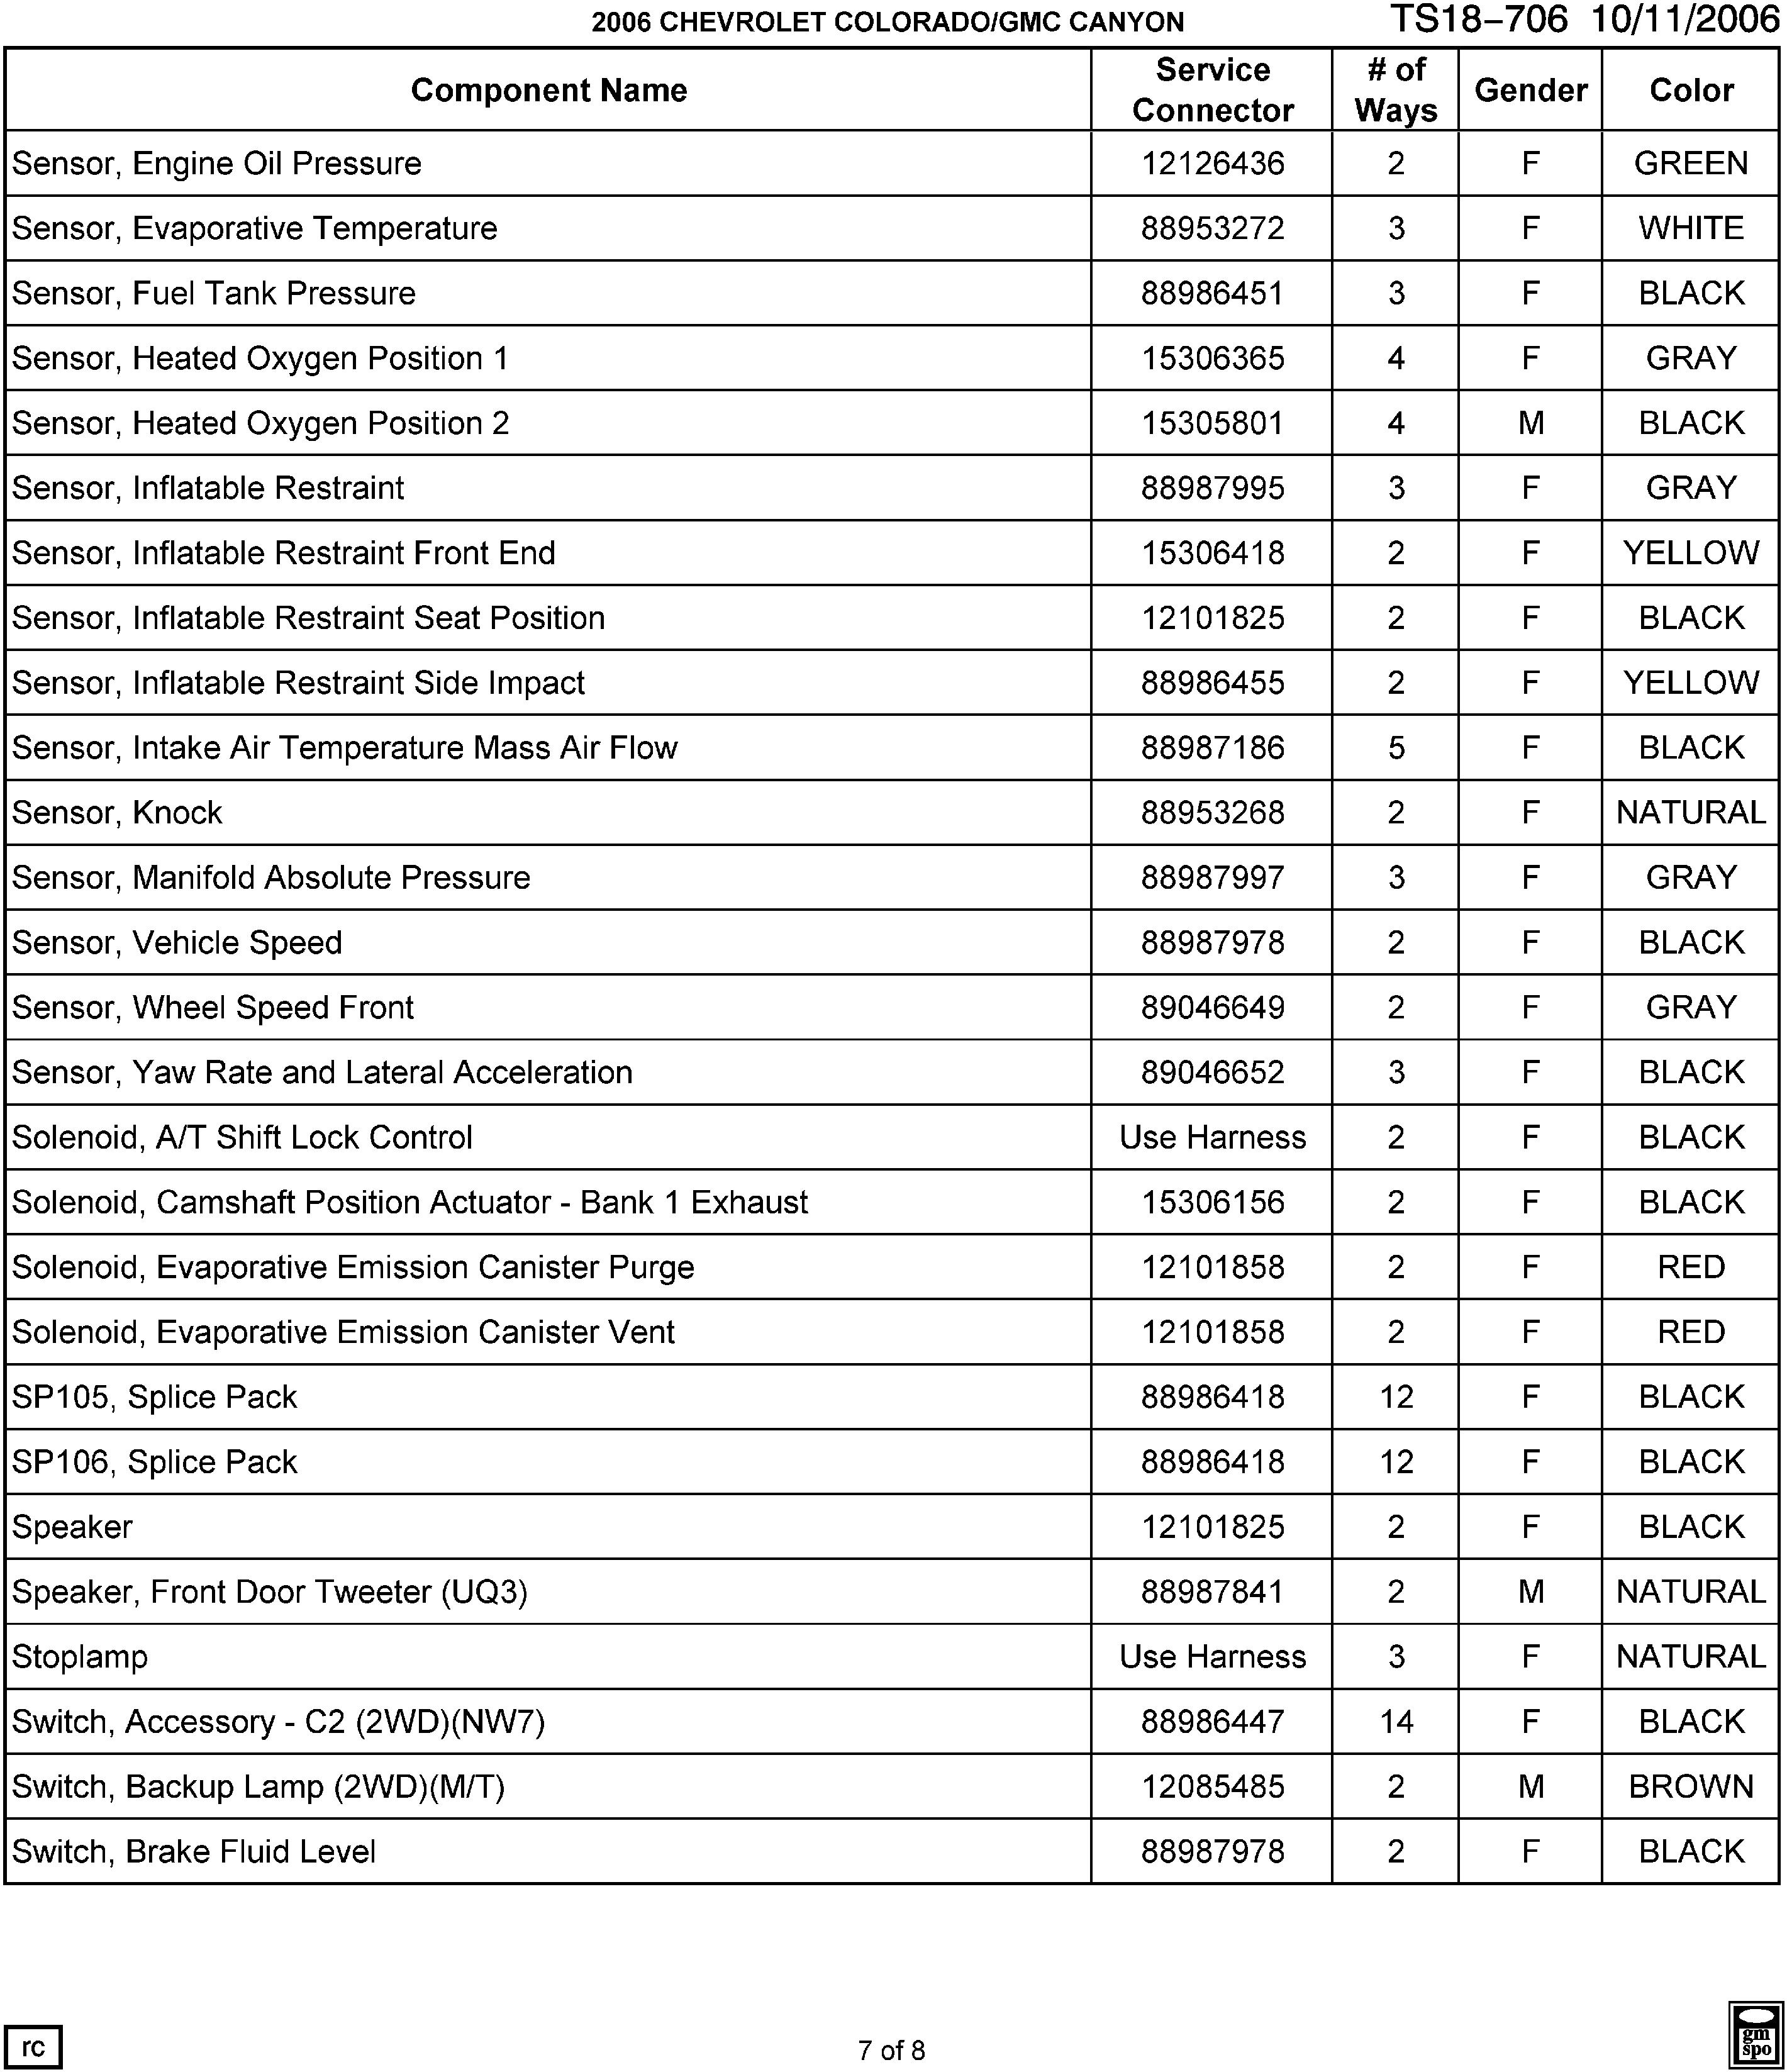 COLORADO SPORT 2WD - Electrical connector list by noun name - sensor ...